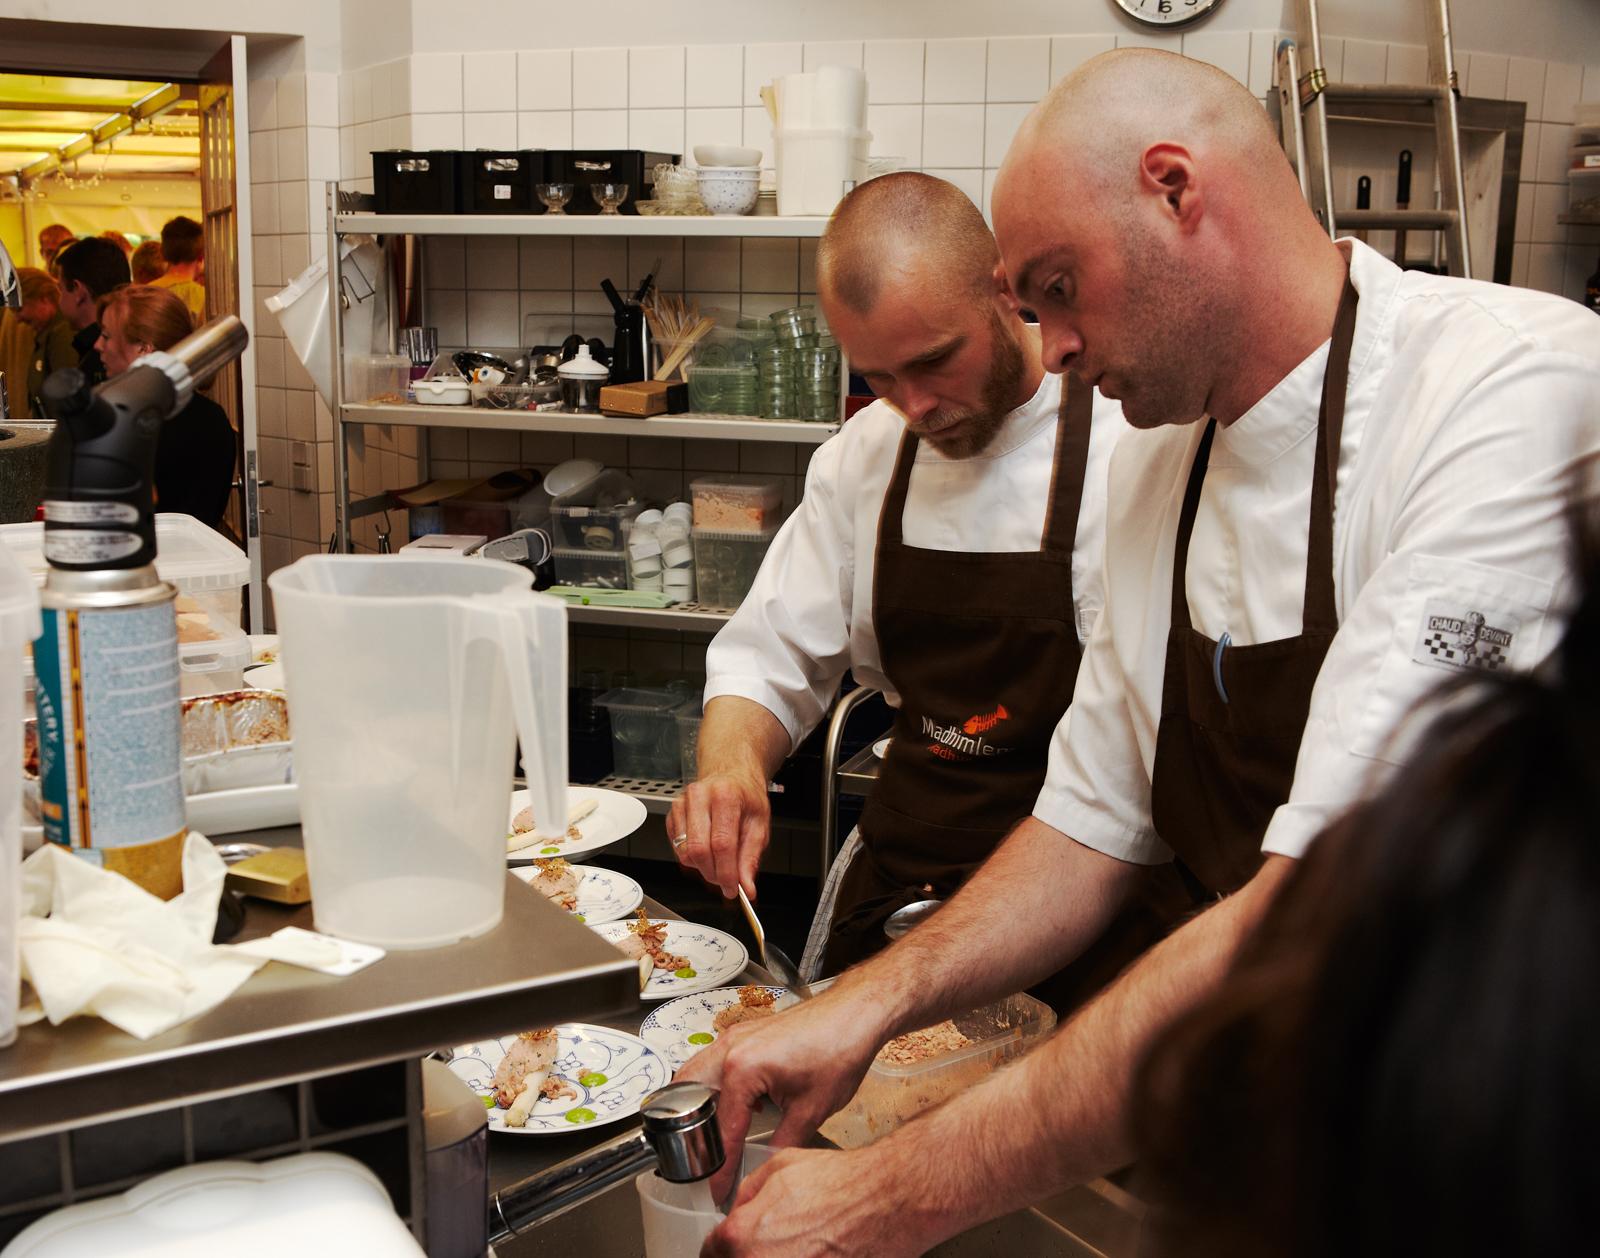 madhimlen_restaurant_010.jpg